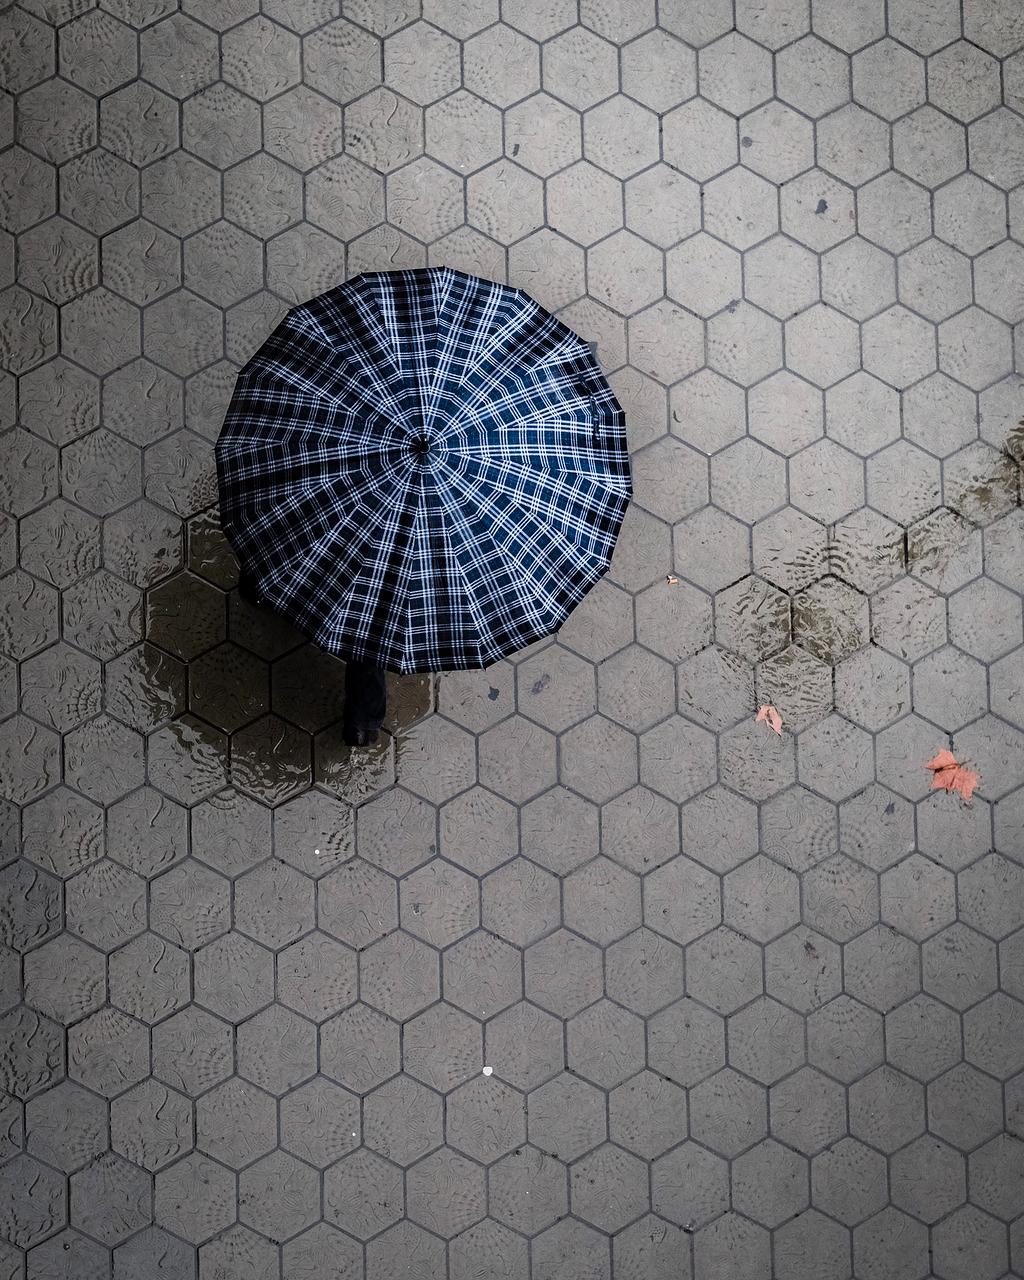 黑白相间伞的表面鸟瞰图